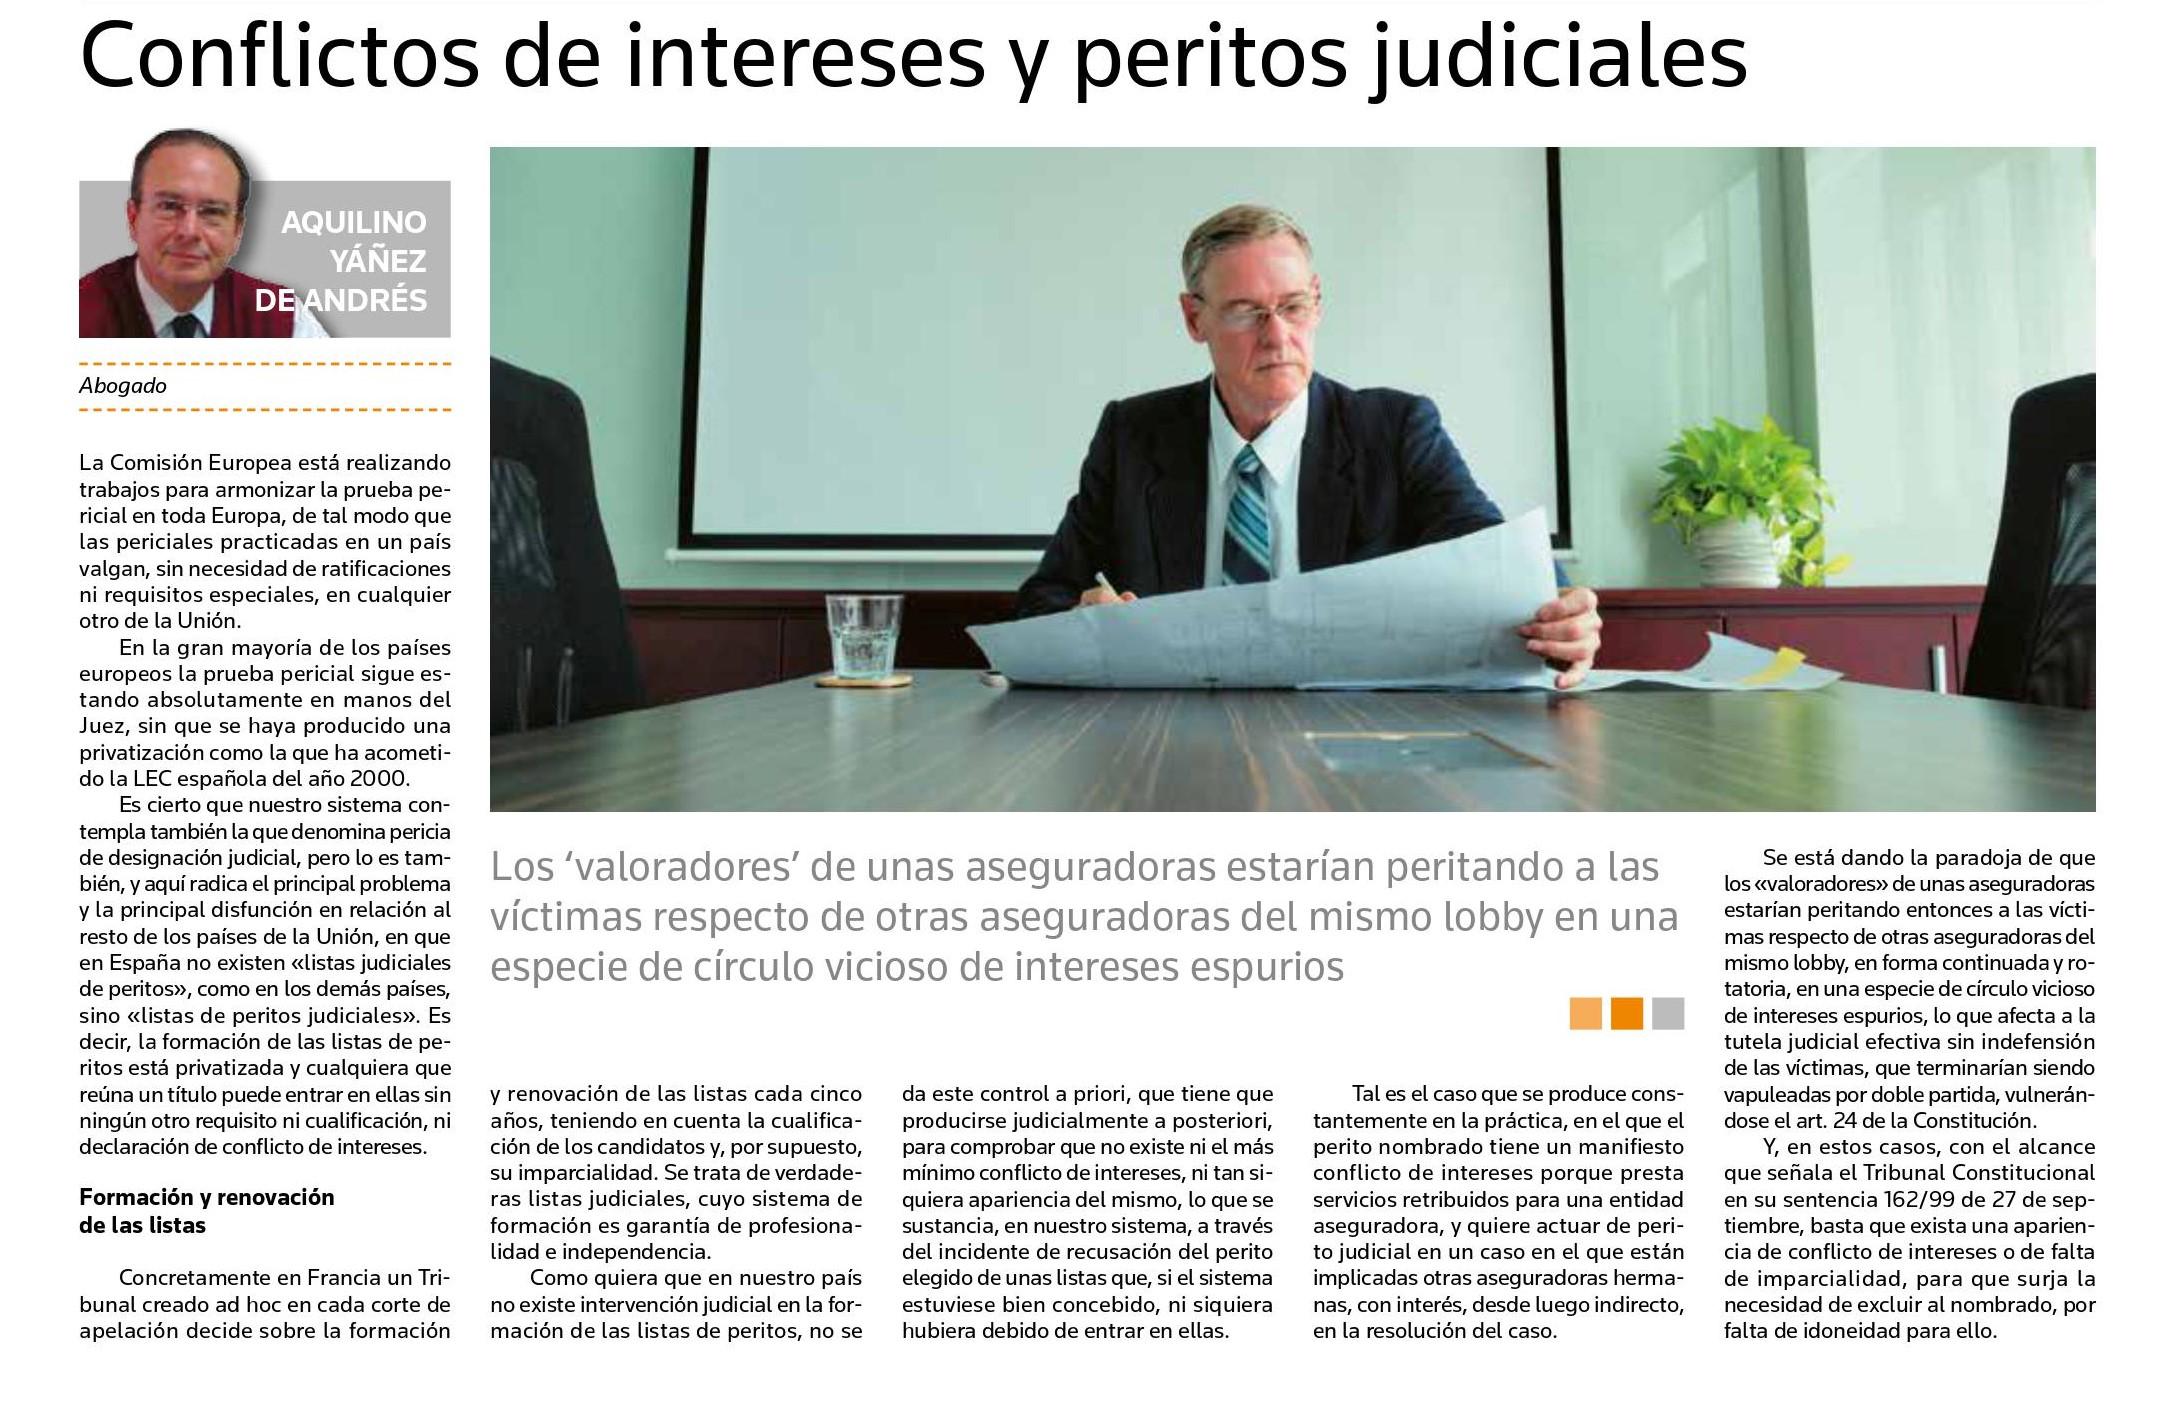 pruebas-periciales-conflicto-de-intereses-y-peritos-judiciales